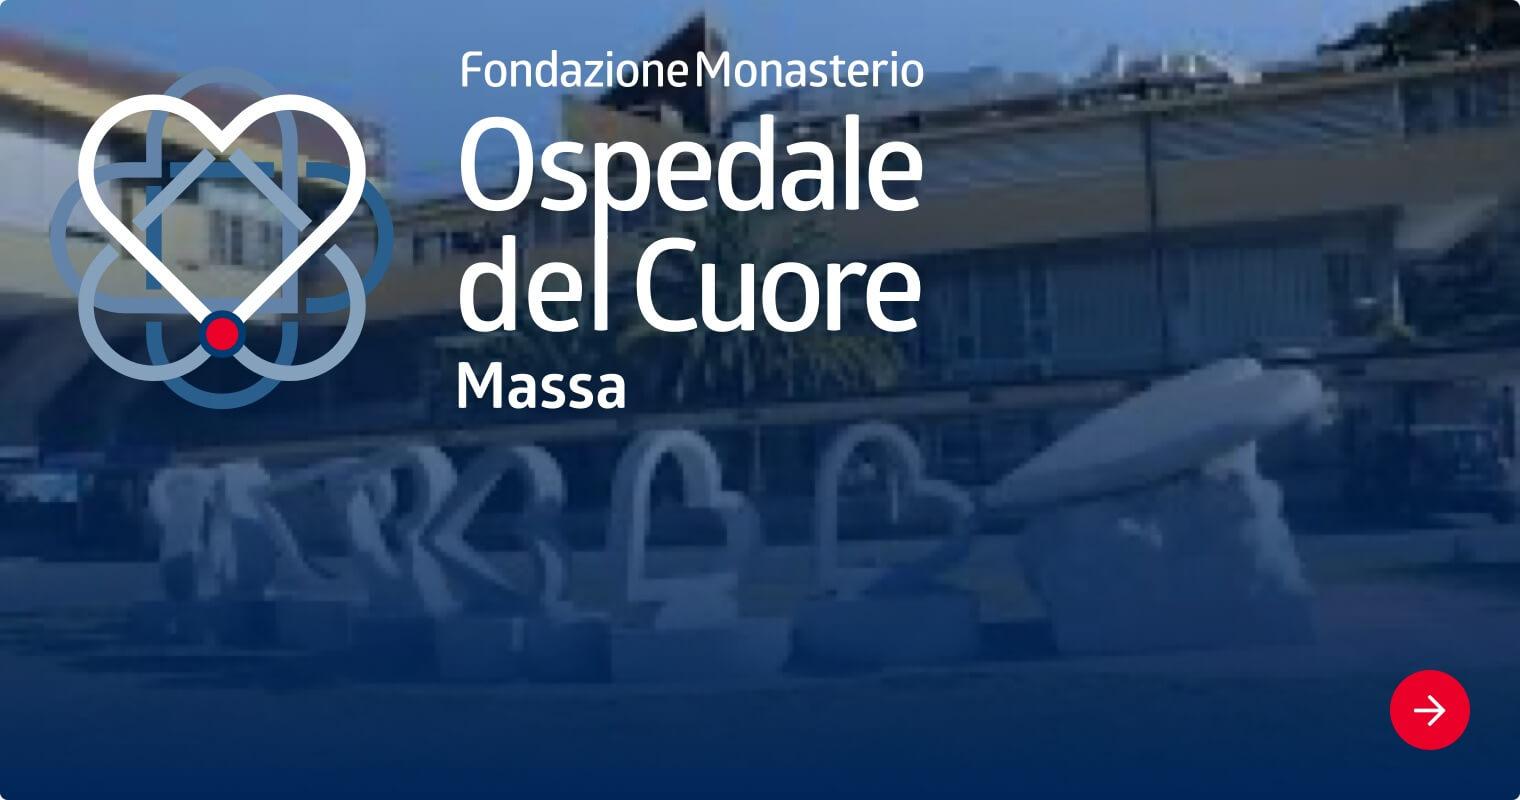 Fondazione Monasterio Ospedale del Cuore, Massa